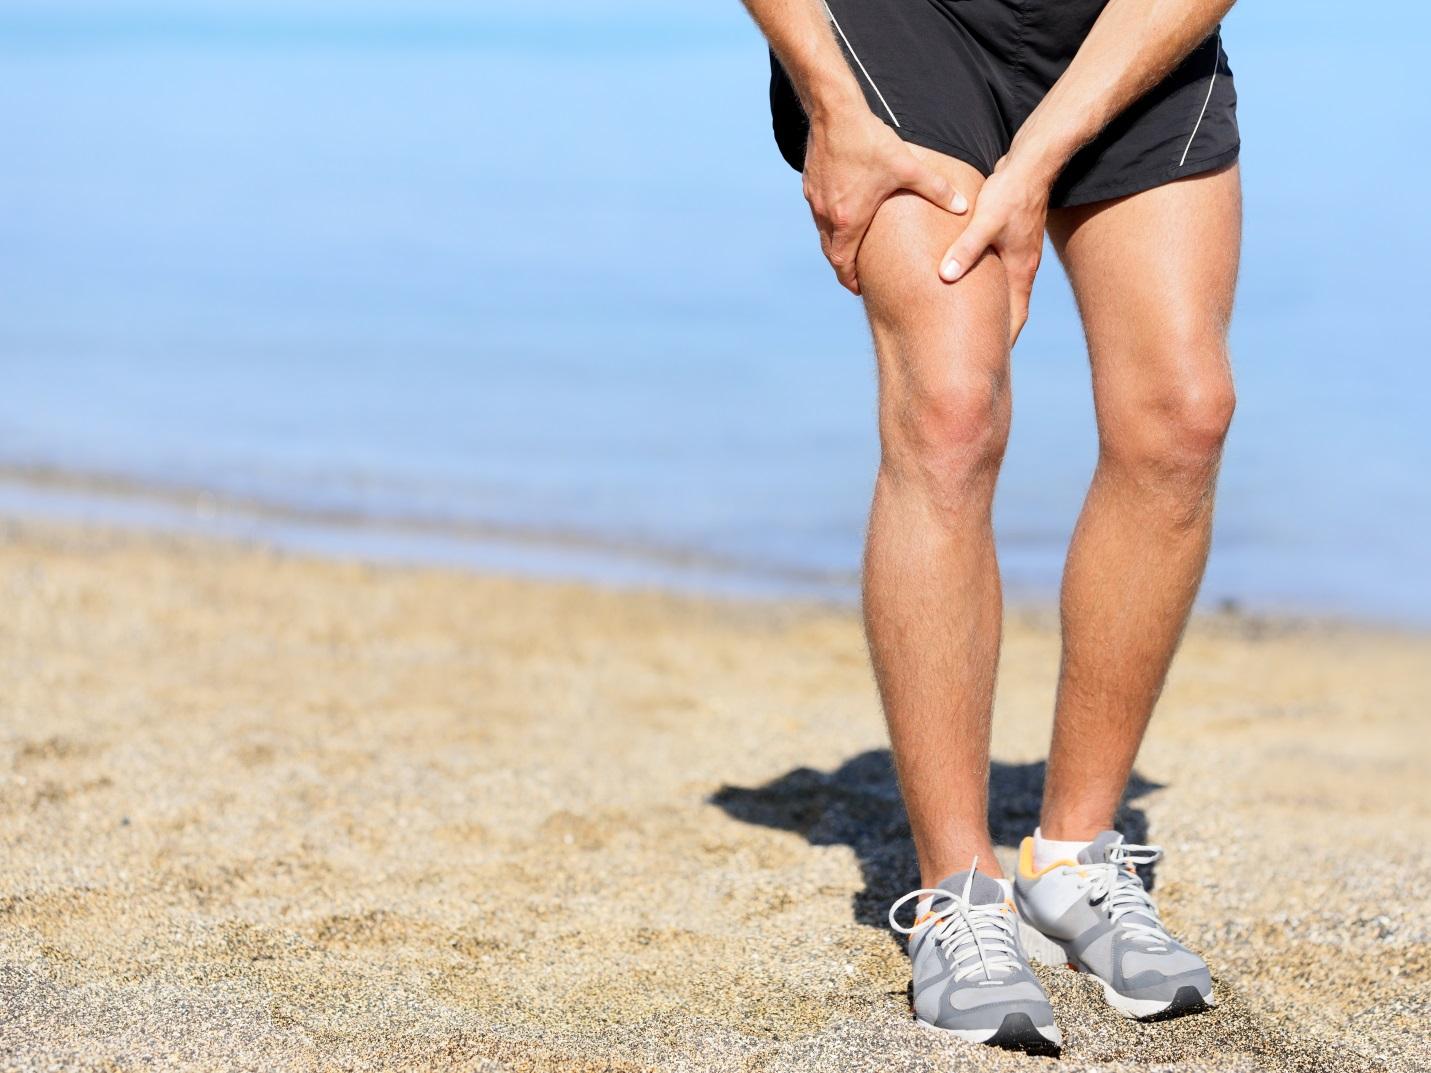 Hati-hati, Ini 3 Kebiasaan yang Salah Setelah Berolahraga yang Memicu Nyeri Otot dan Sendi